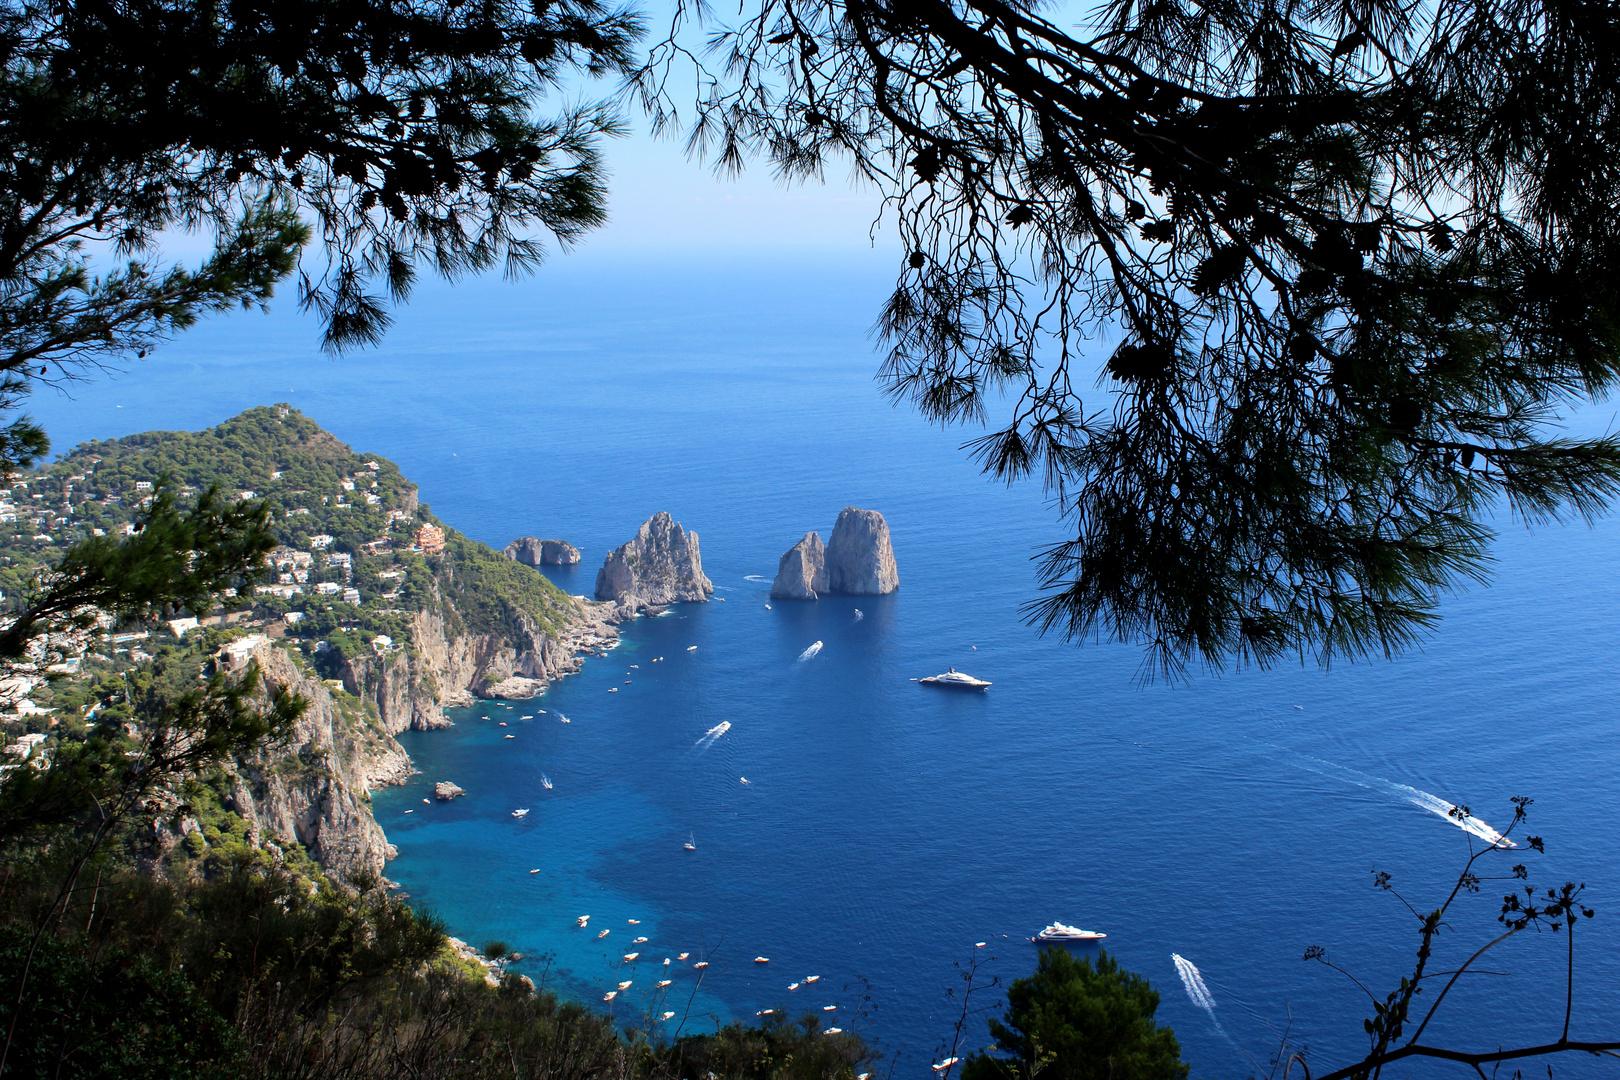 Sehnsuchtsort Capri